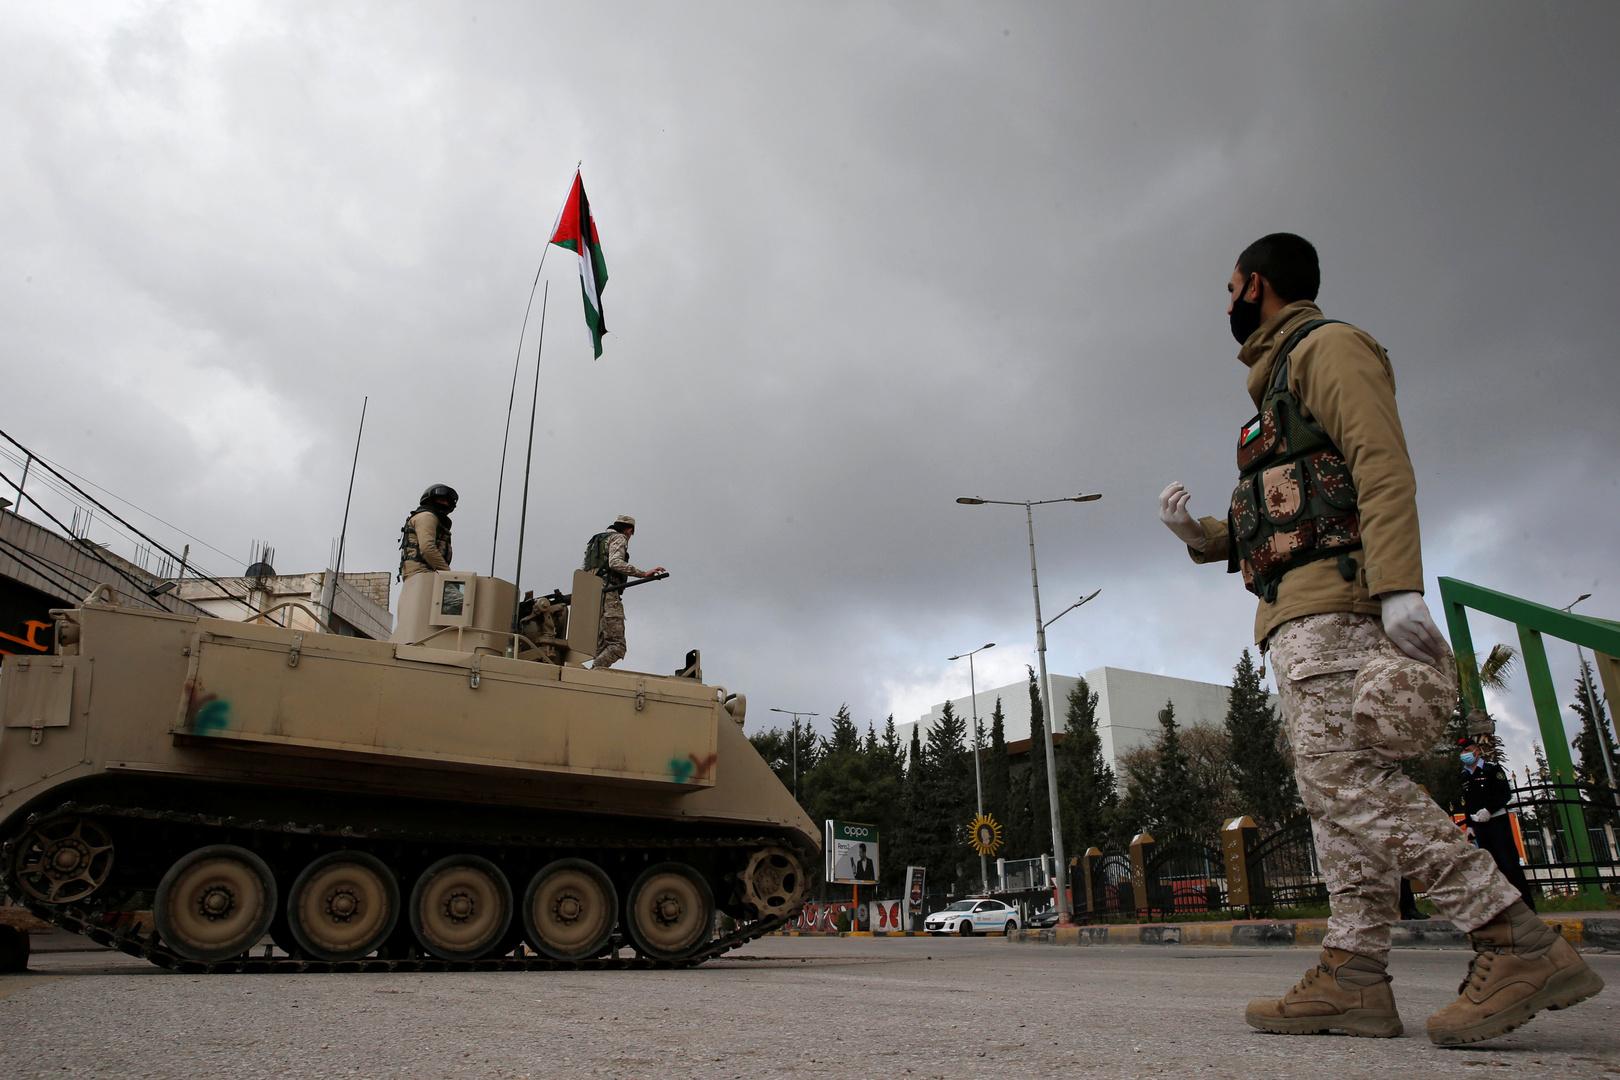 الجيش الاردني يطبق قواعد الاشتباك على الحدود السورية في حادثتين